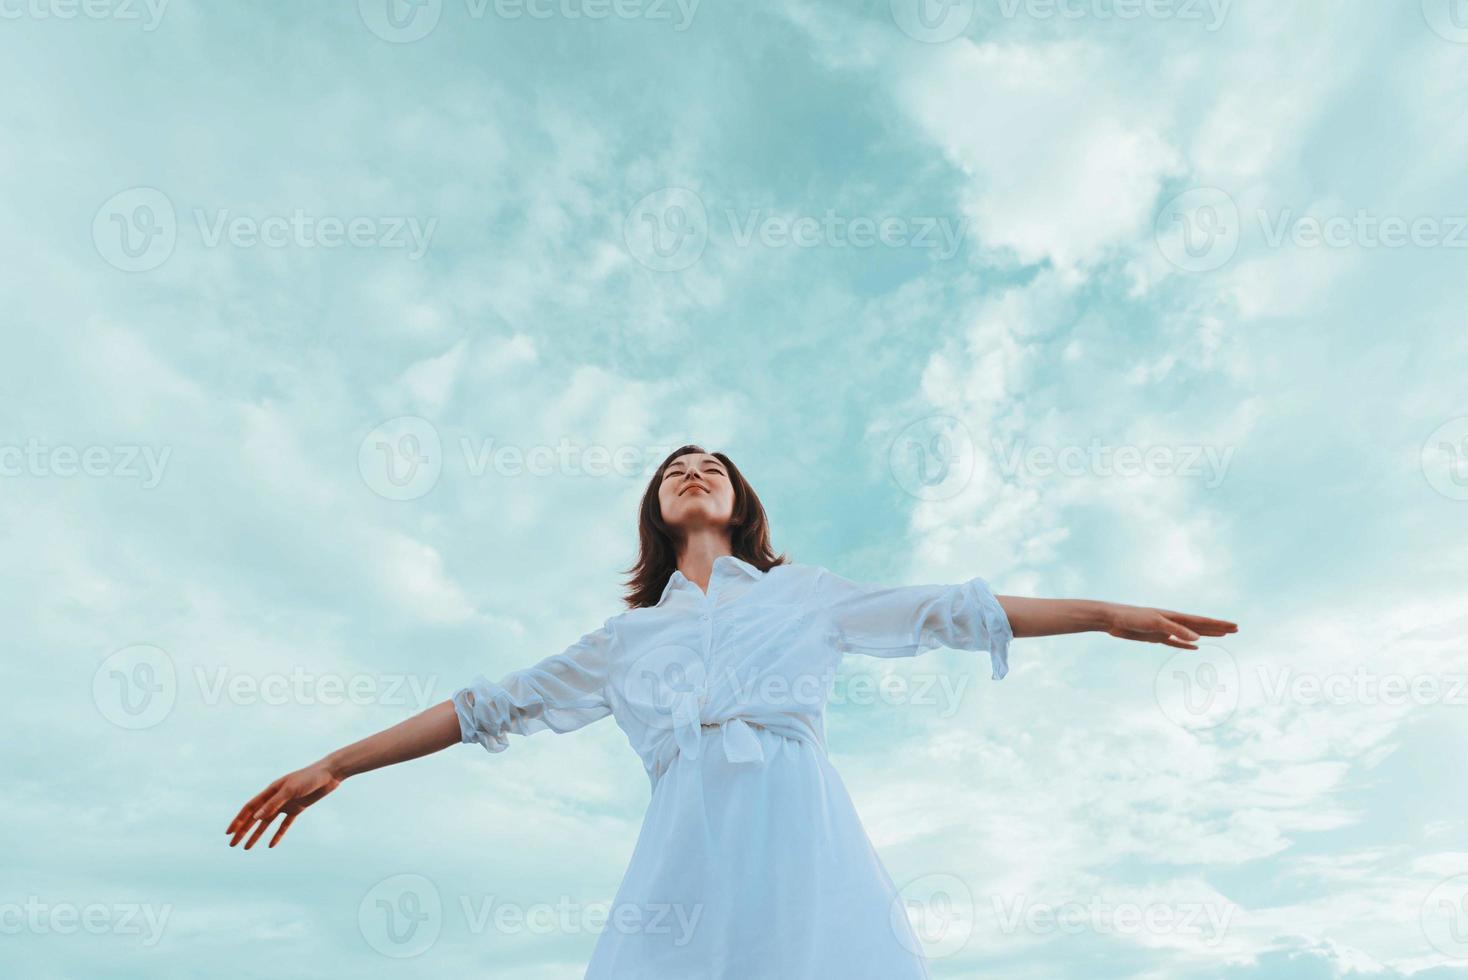 jovem mulher com os braços erguidos, aproveitando um bom dia foto